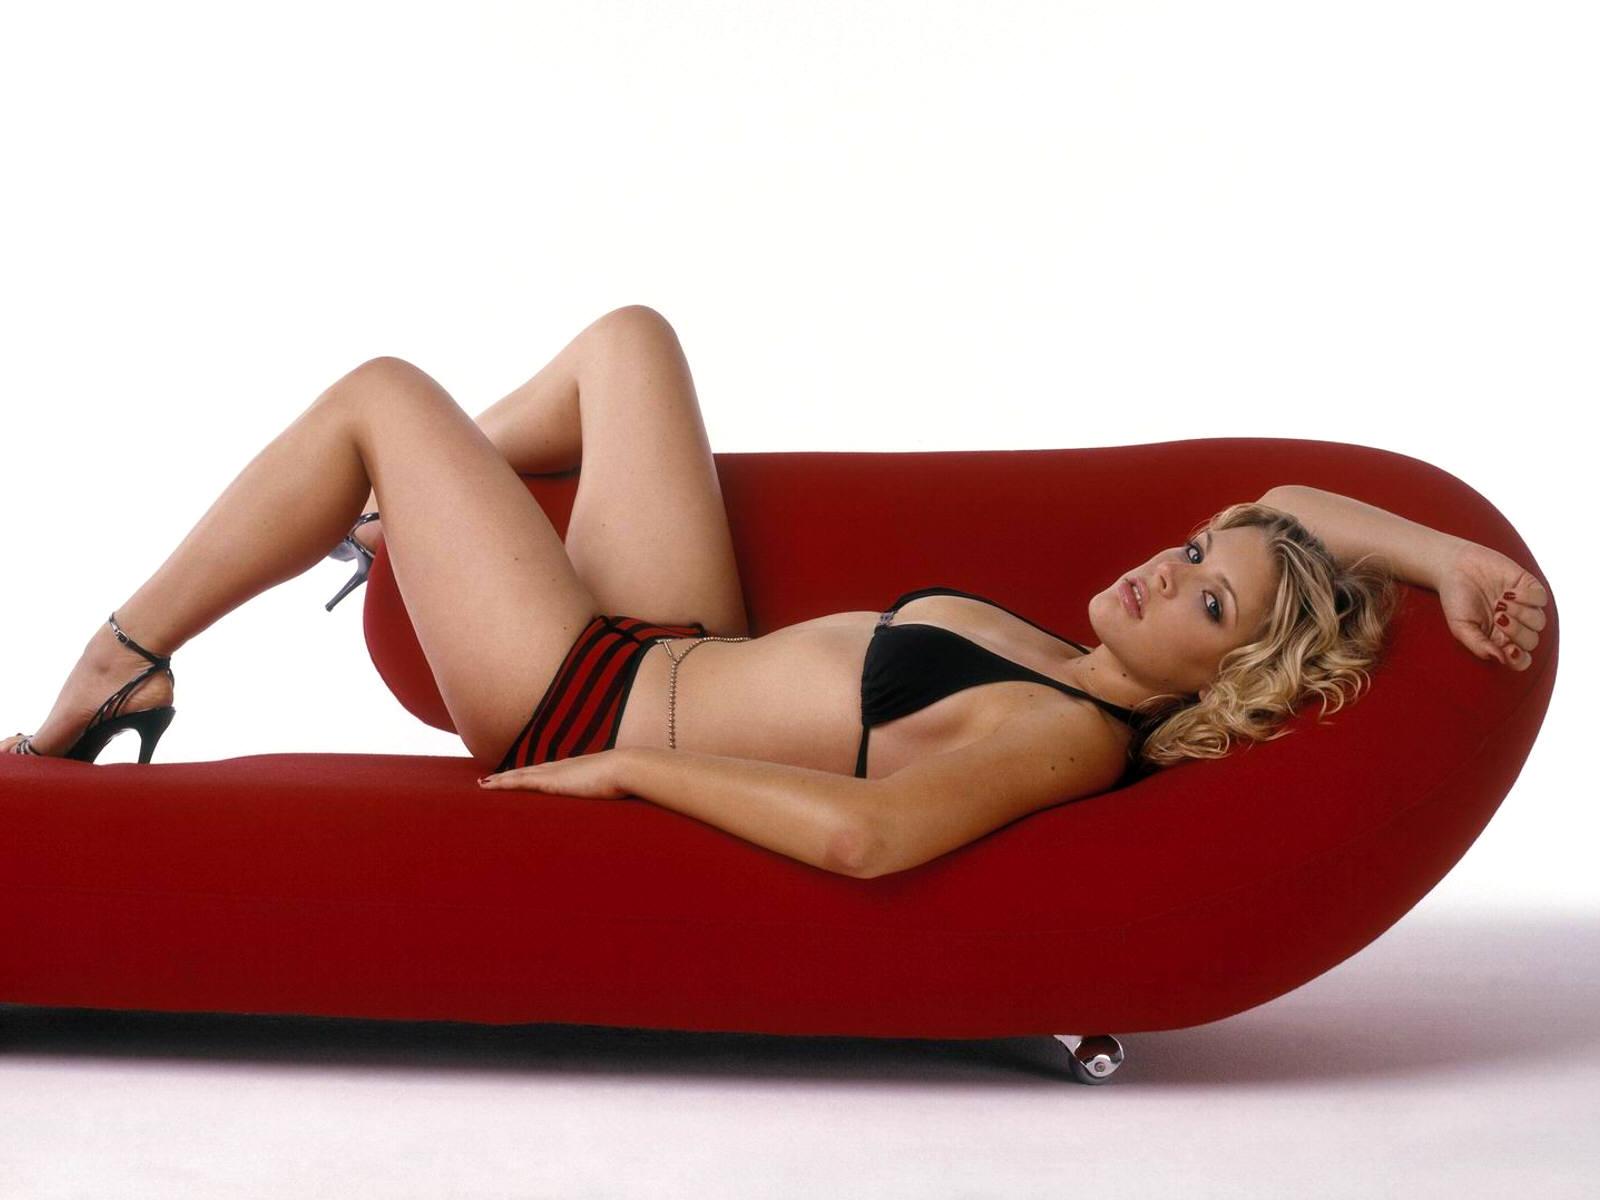 Красивая девушка в нижнем белье на диване в стиле модерн - Звёзды на мебели фото